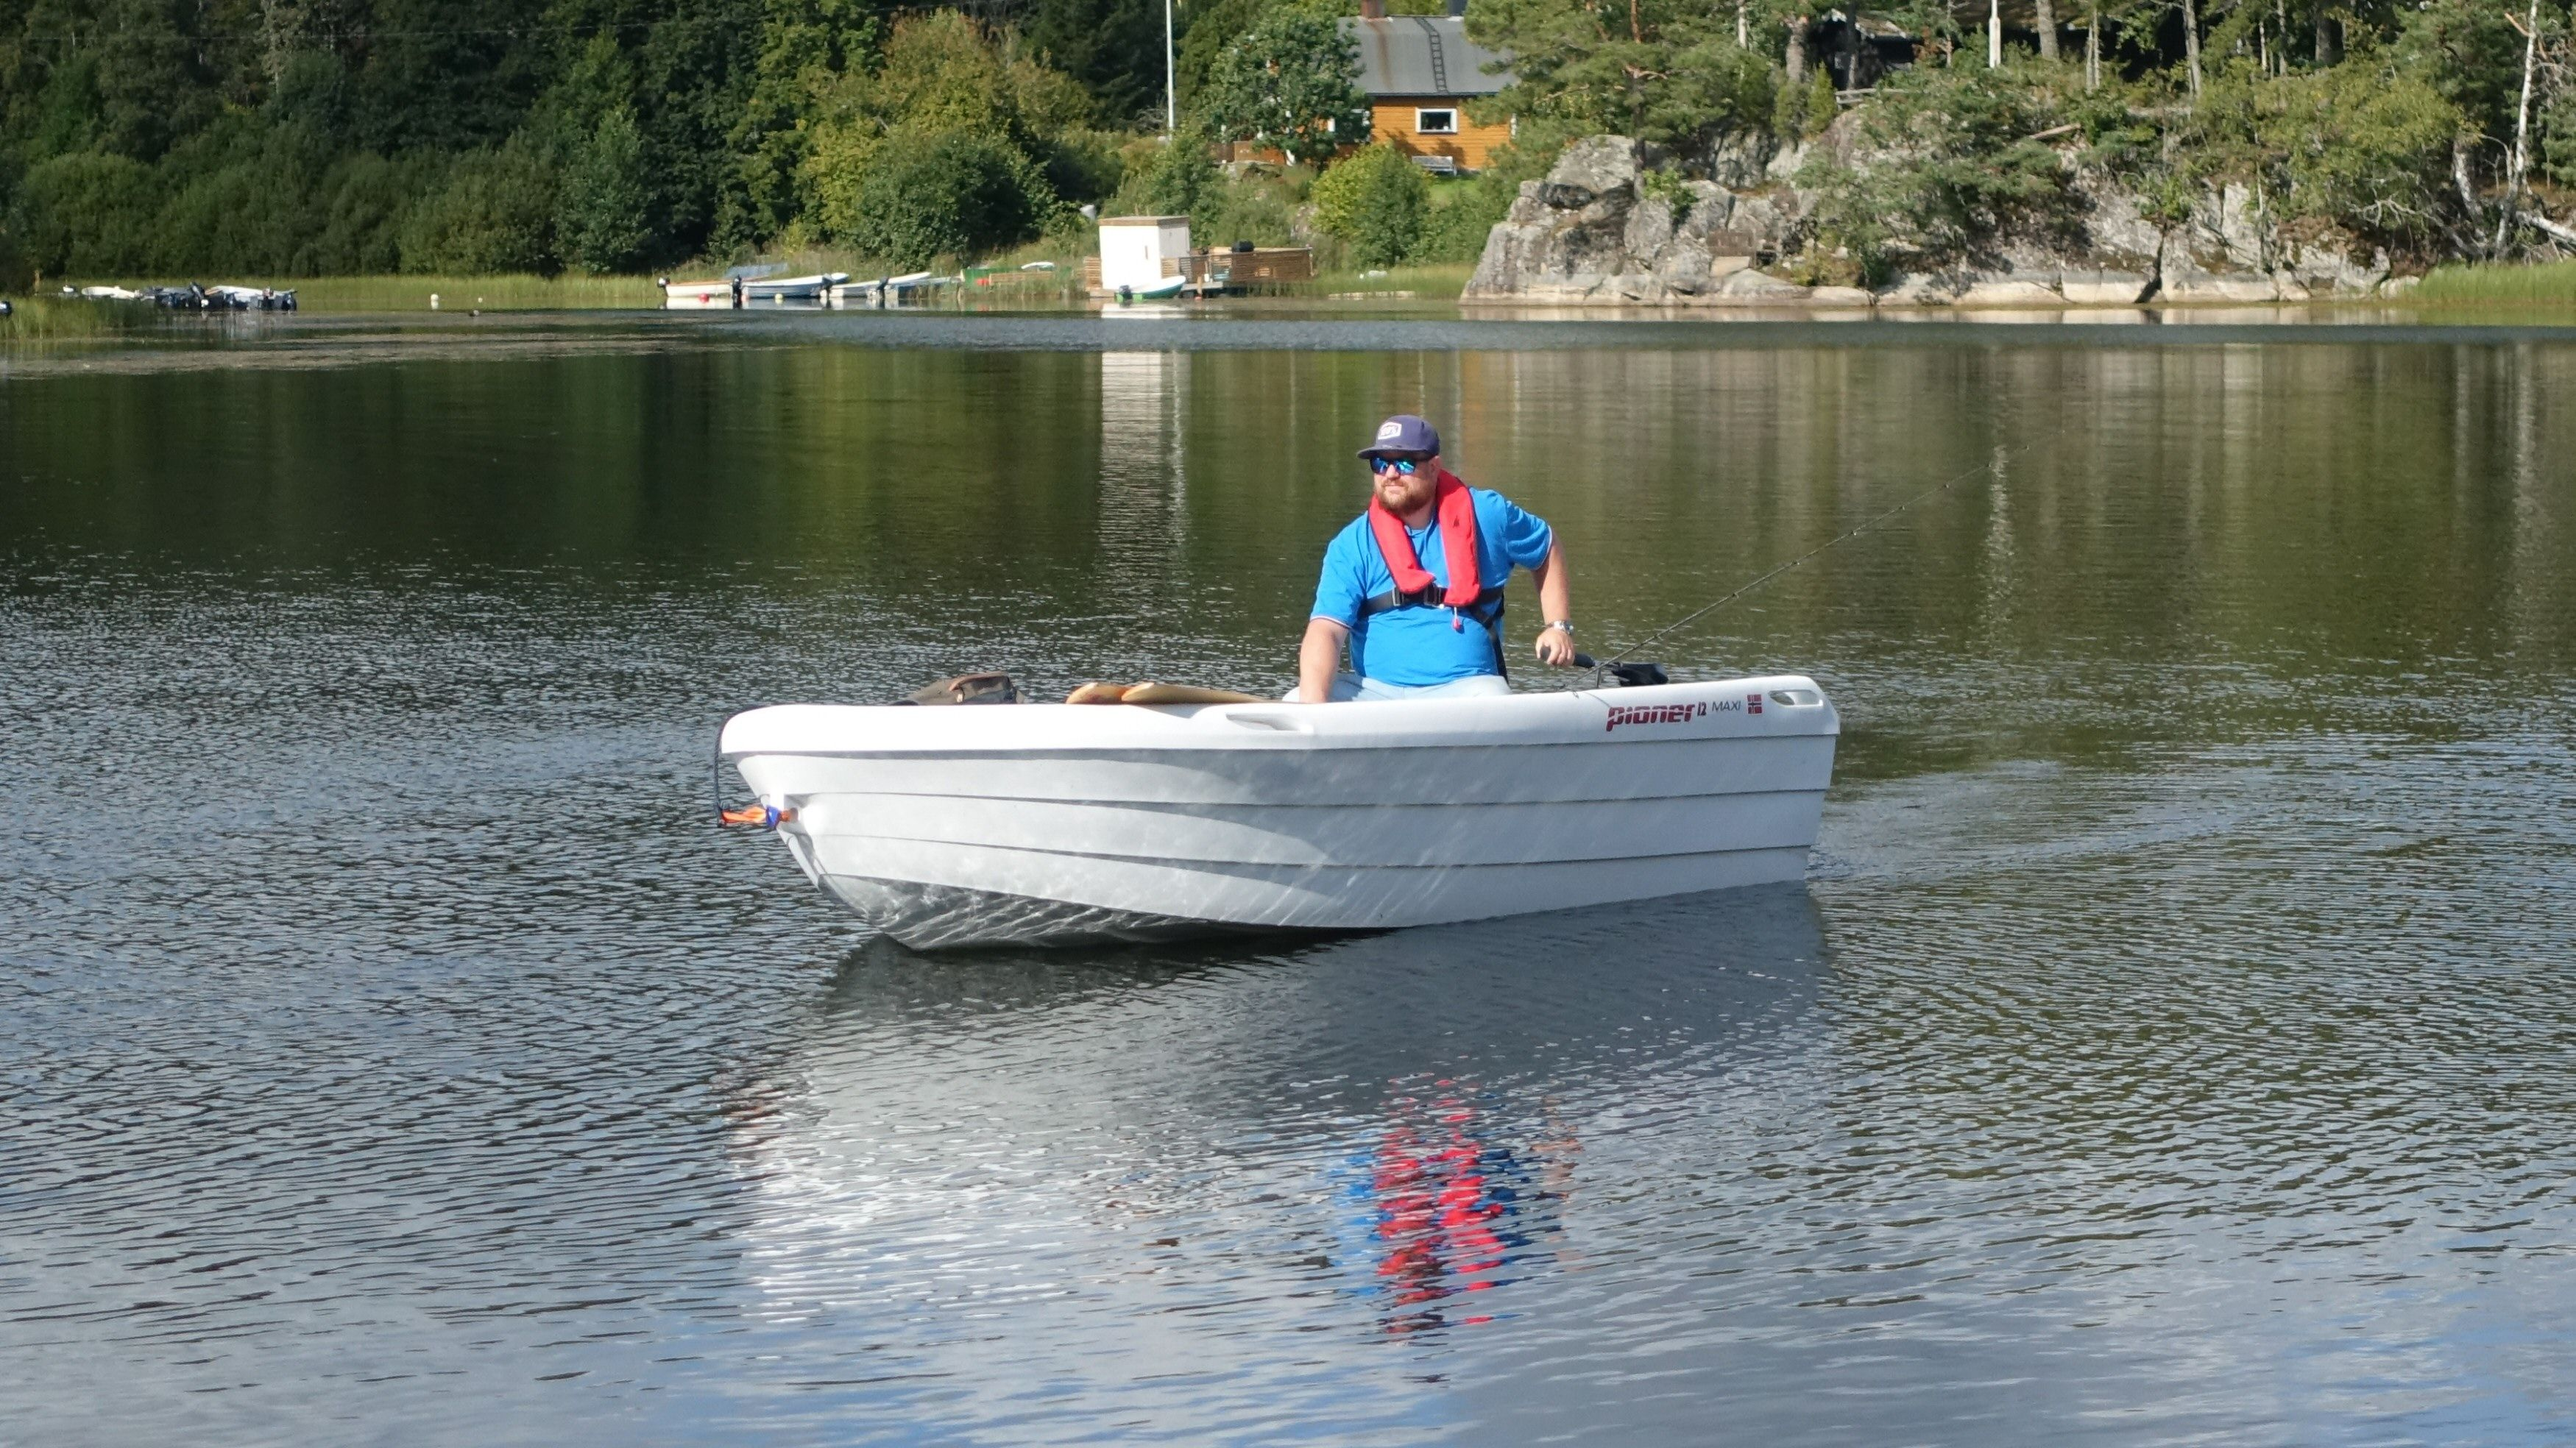 Motoren er sterk nok til at båten fint klarer tre knop. Og den er veldig enkel å styre med et solid utslag.